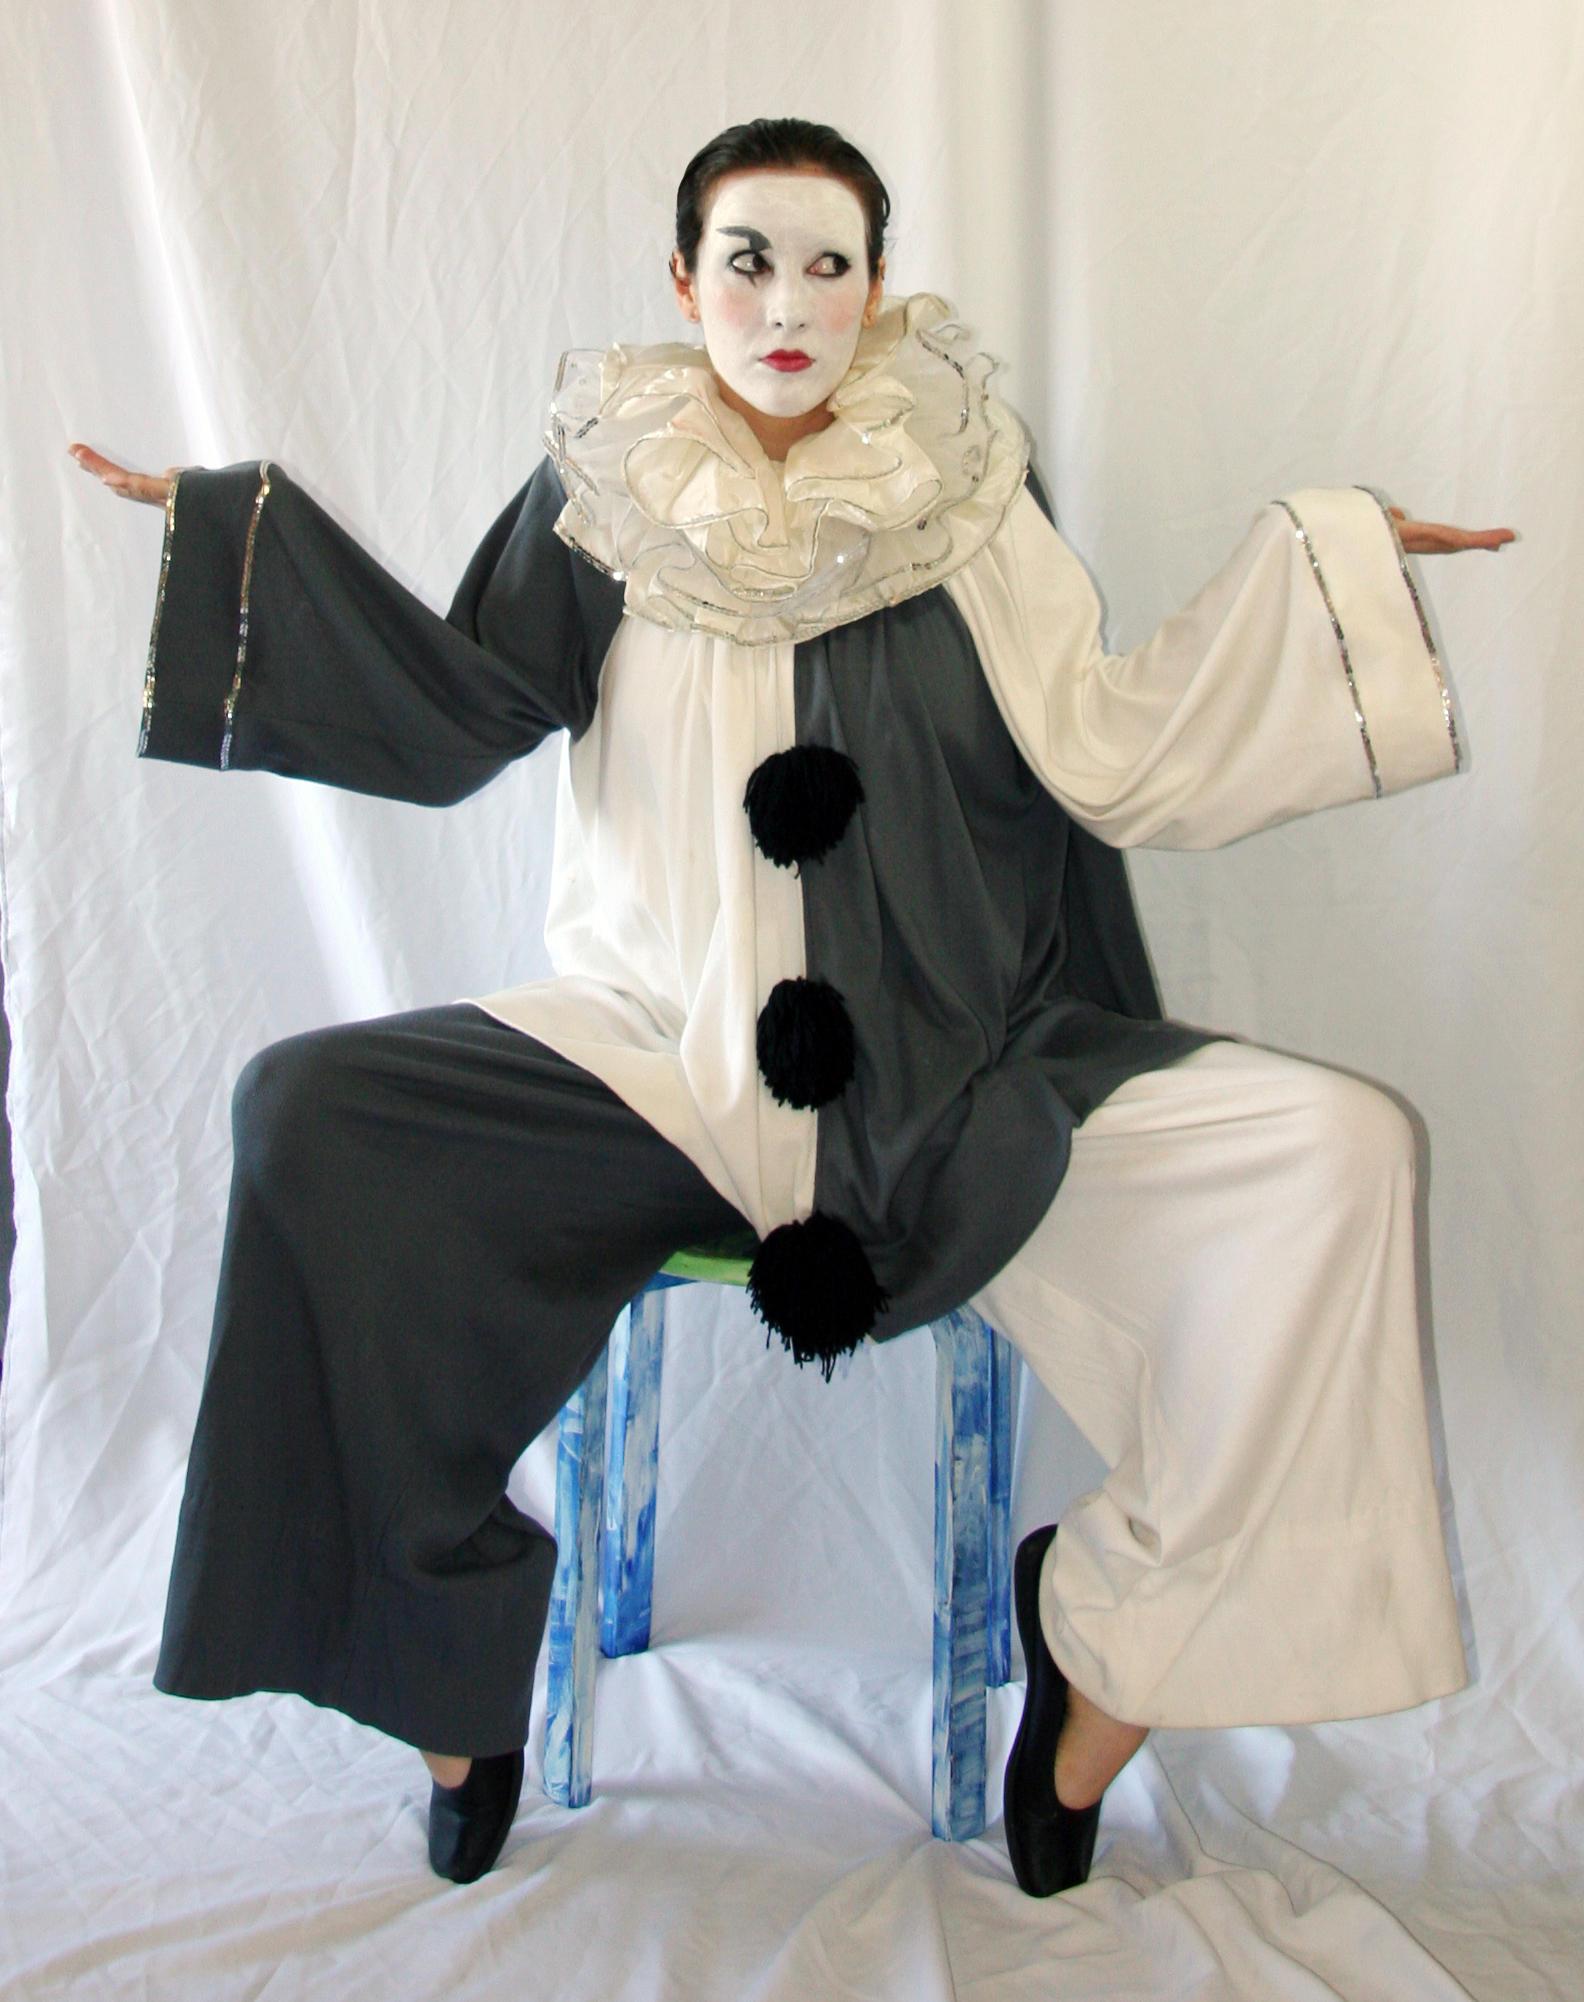 Pierrot 2 by LongStock